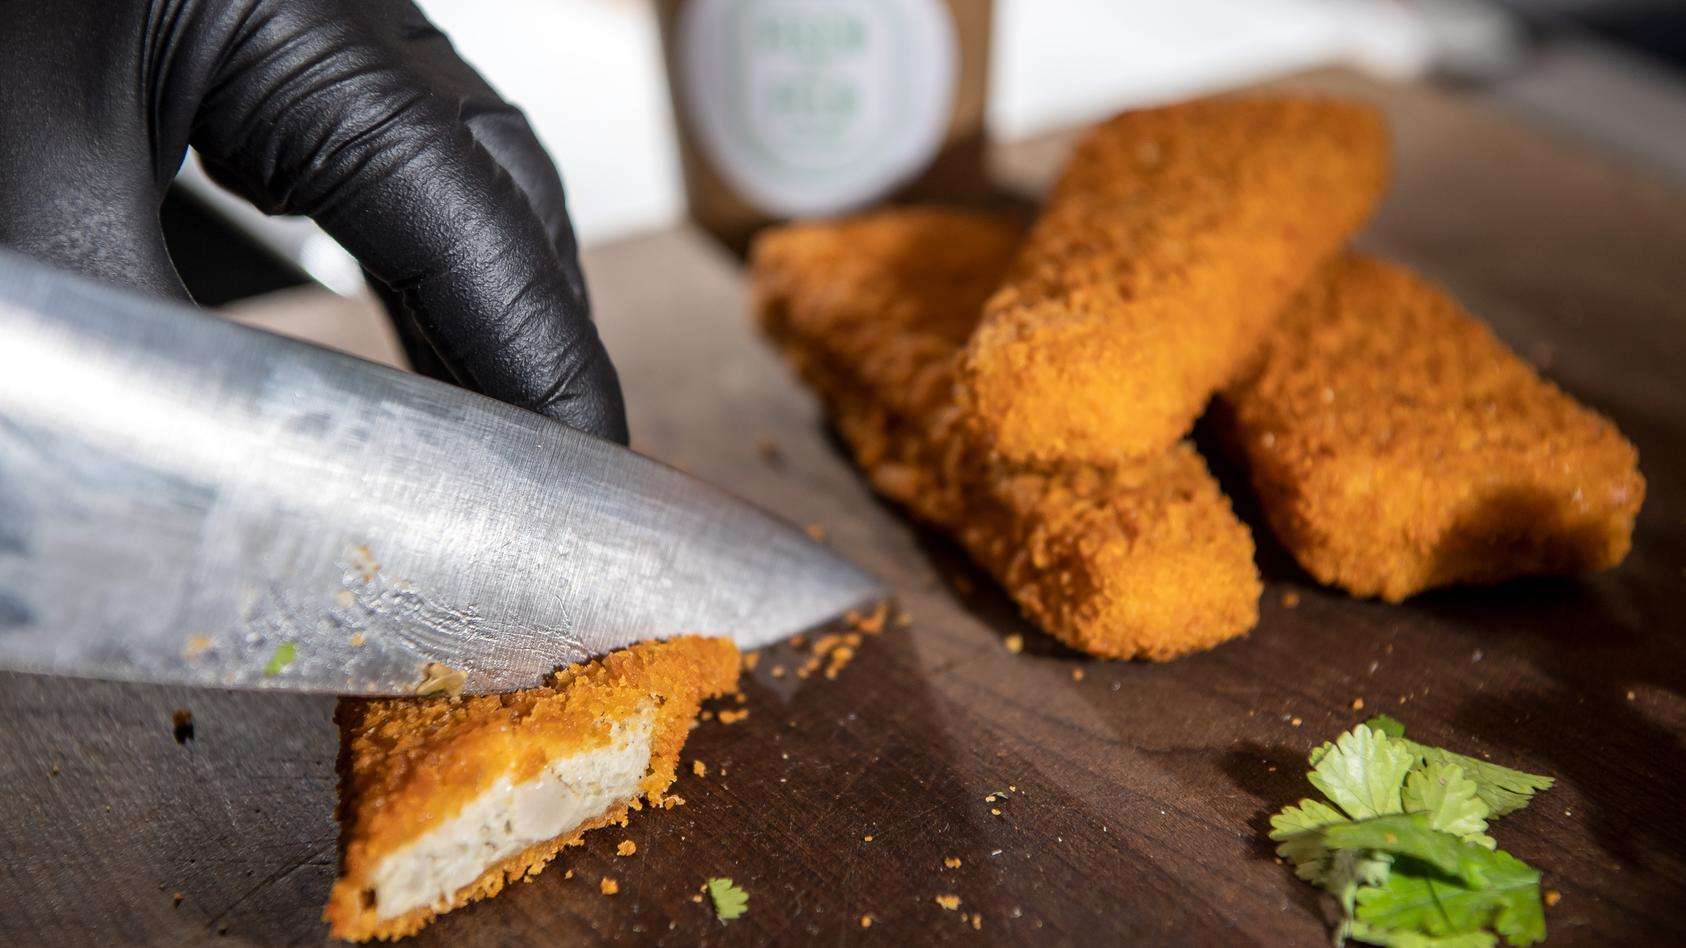 Auf Fleisch ohne Fleisch folgt Fisch ohne Fisch: Branche tüftelt an veganer Ernährung.